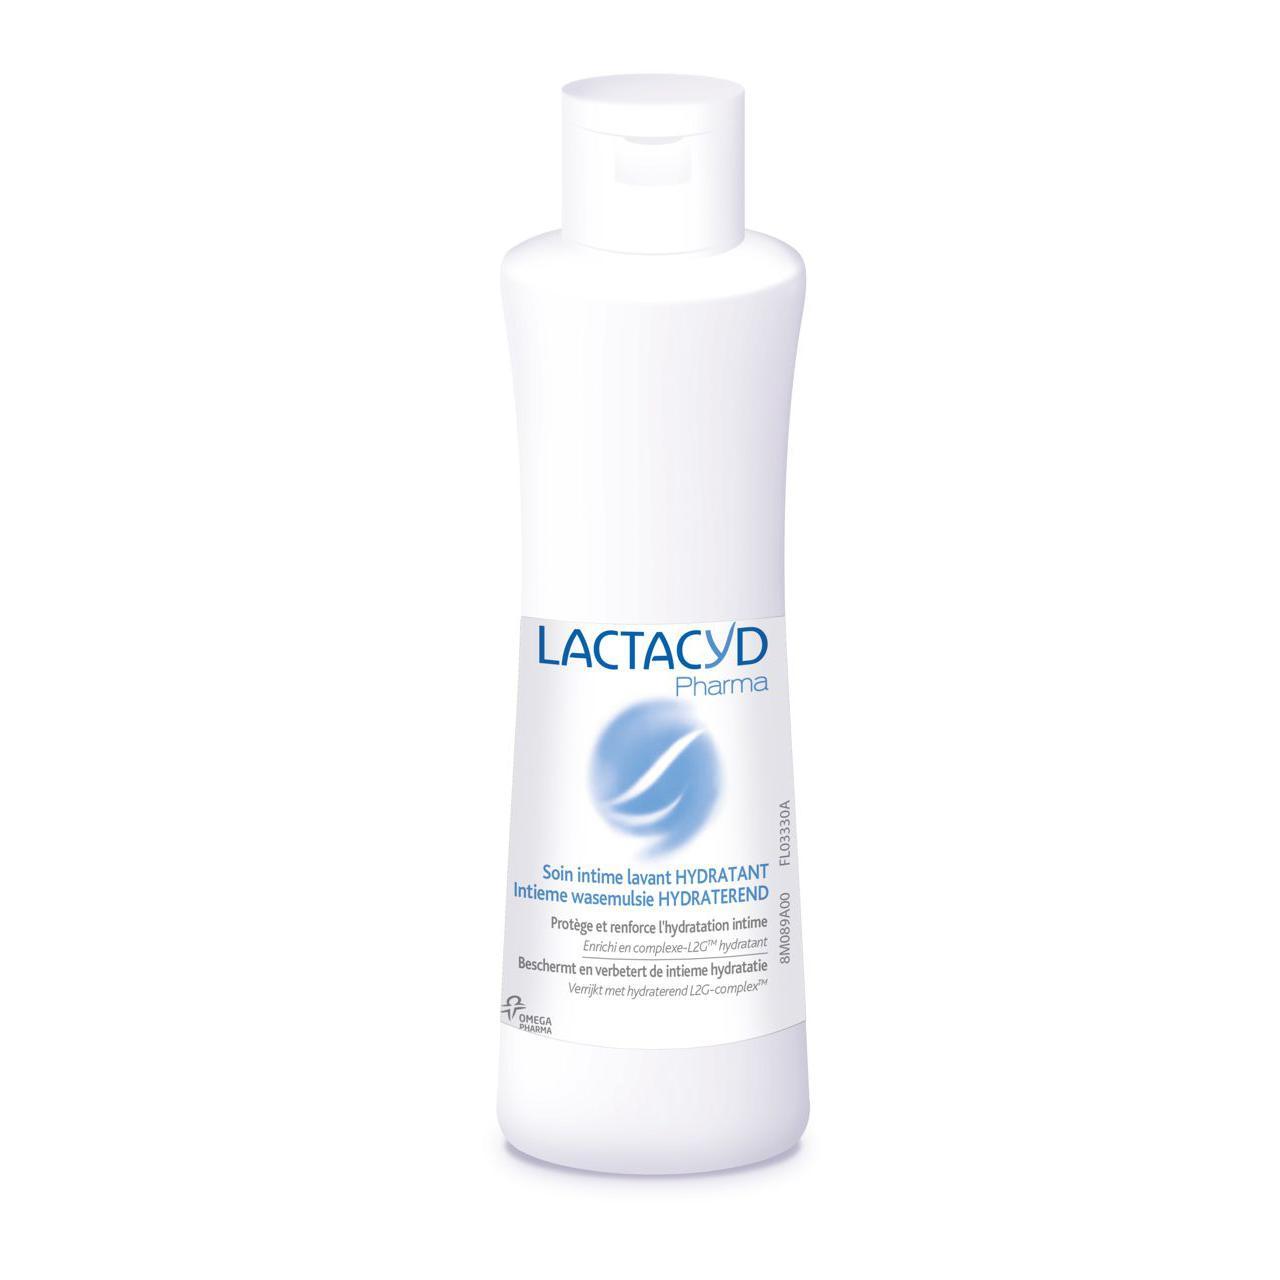 Image of Lactacyd Pharma hydratant